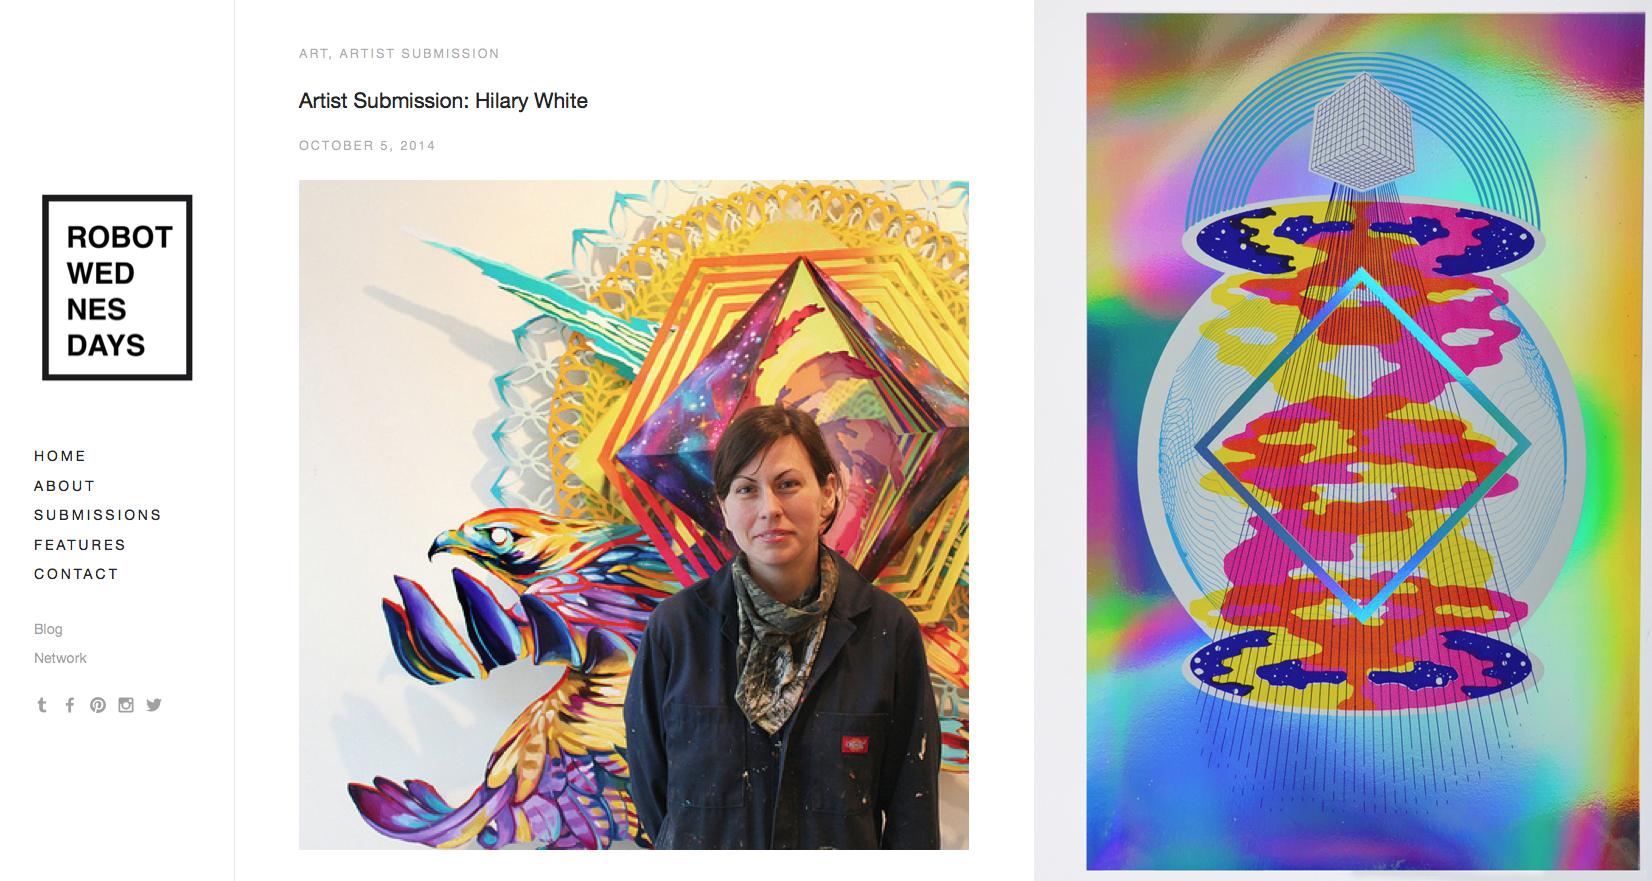 Robot Wed, Robot Wednesdays, Art and Design Blog, Hillary White Art, Hilary White Art, Australia Art, Artist Article, Hilary White Article, Seer, Seer Series